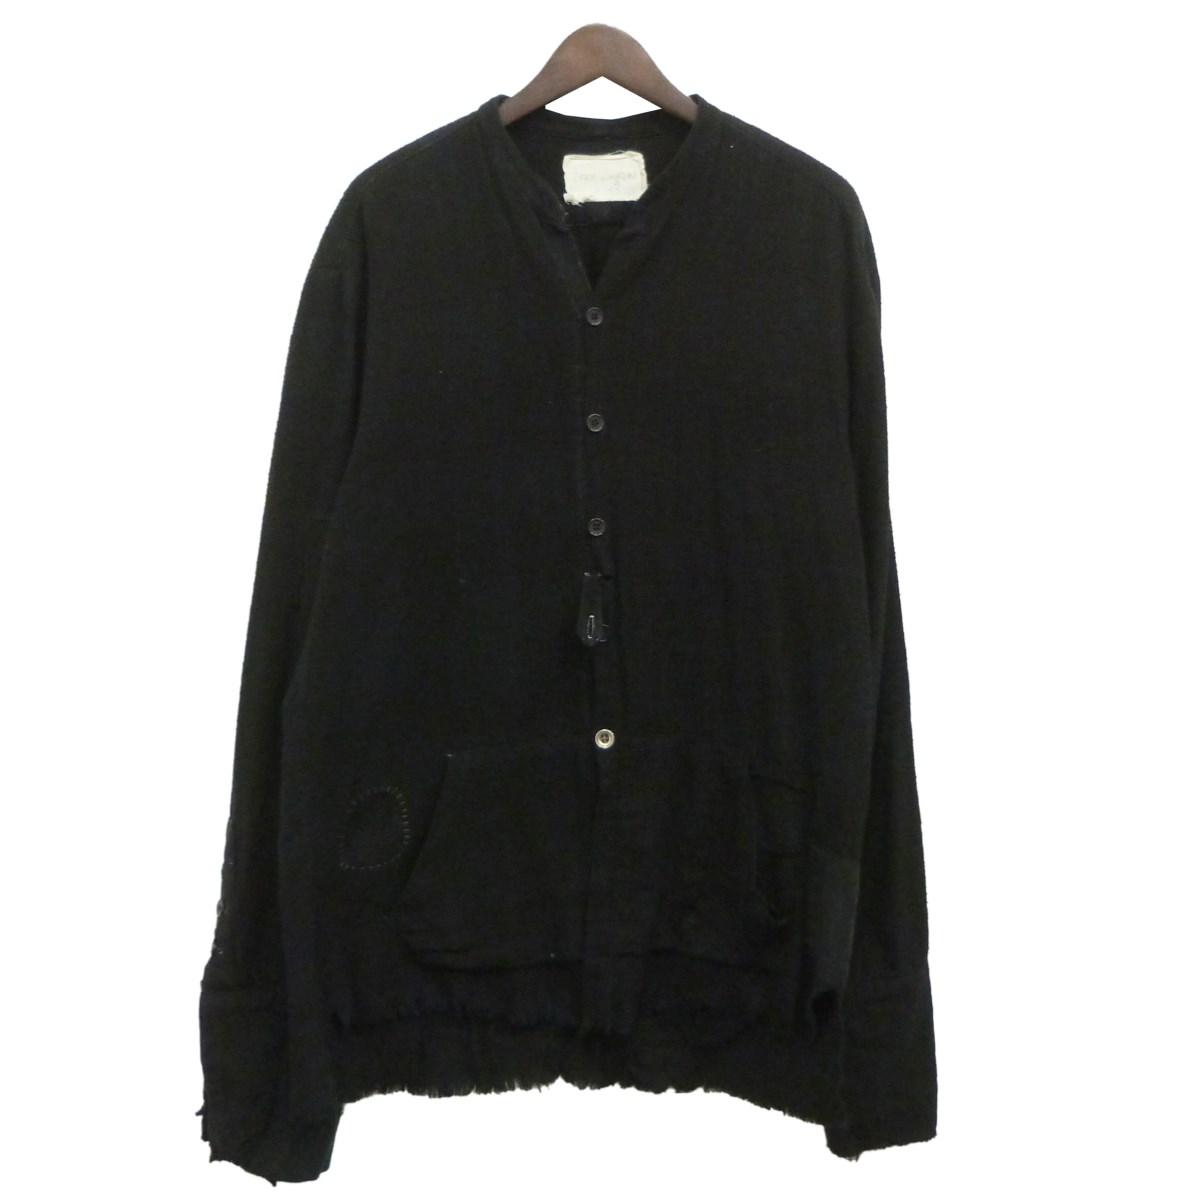 【中古】GREG LAUREN 「50/50 FLANNEL STUDIO SHIRT」フランネルスタジオシャツ ブラック サイズ:- 【120320】(グレッグローレン)